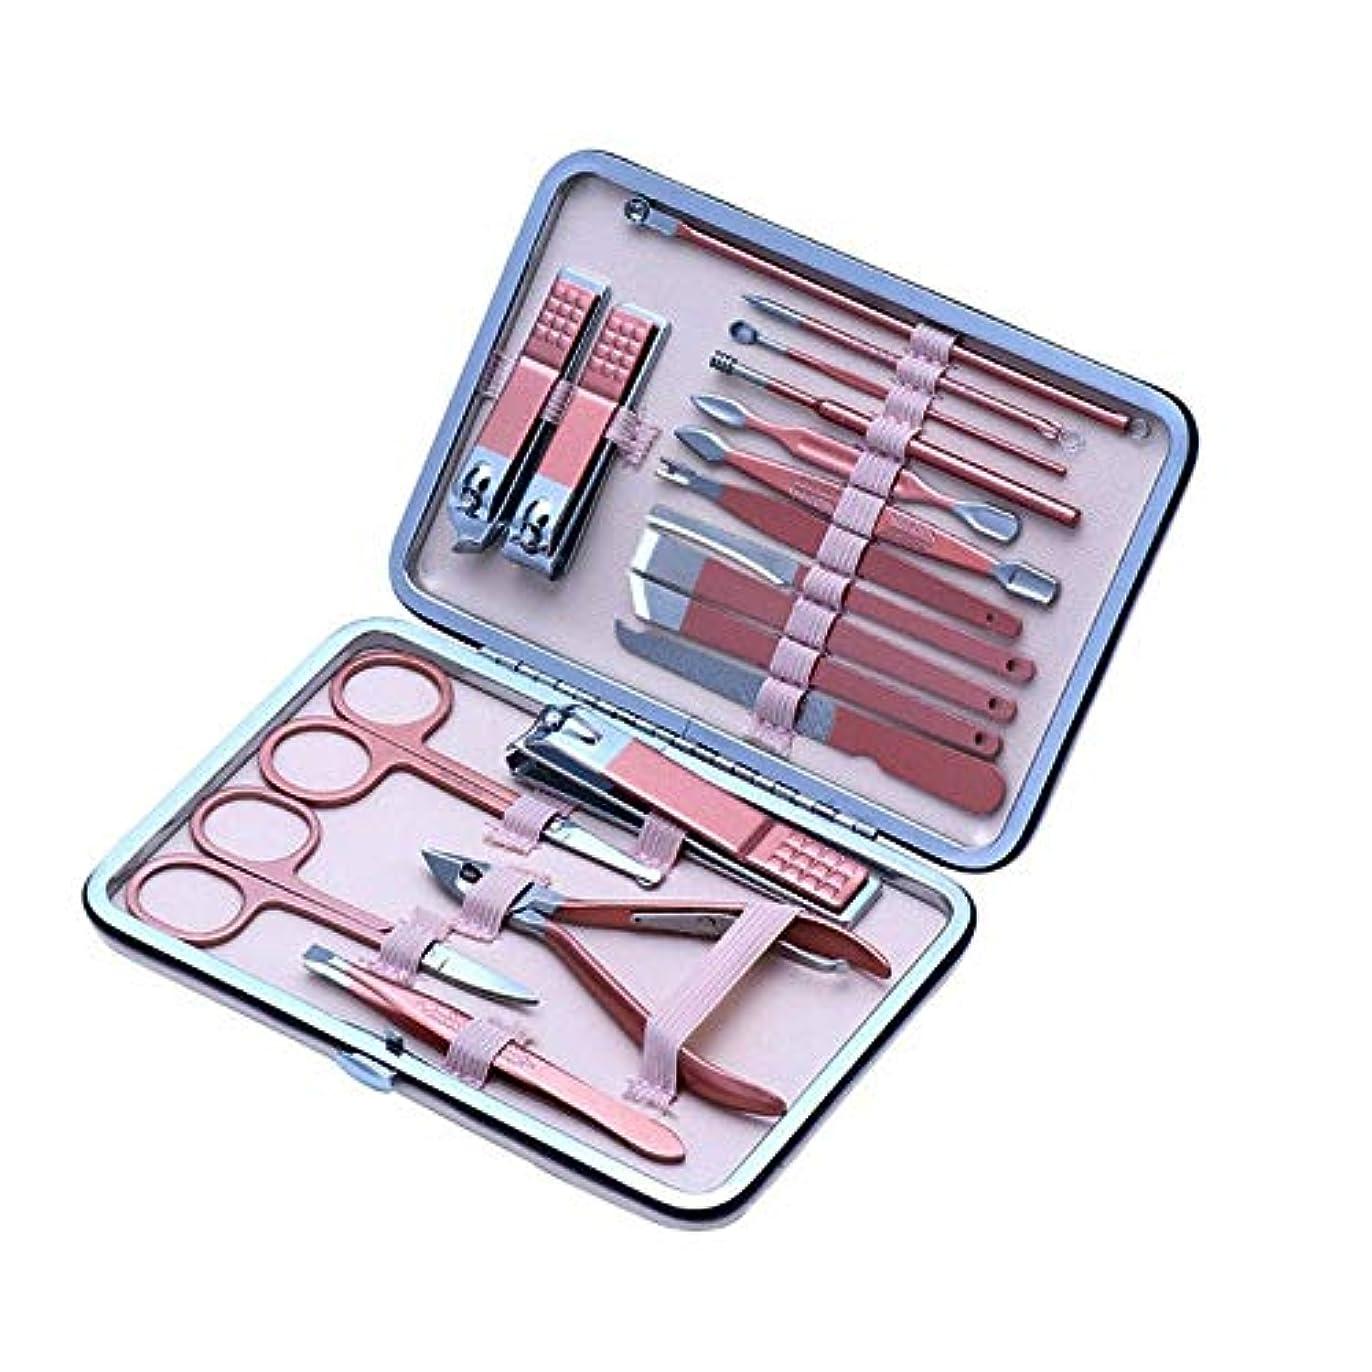 売るロードされたカブマニキュアツール、18セットのステンレススチール爪切り、さまざまなツール、さまざまな修理、シャープで耐久性のある (Color : Pink)